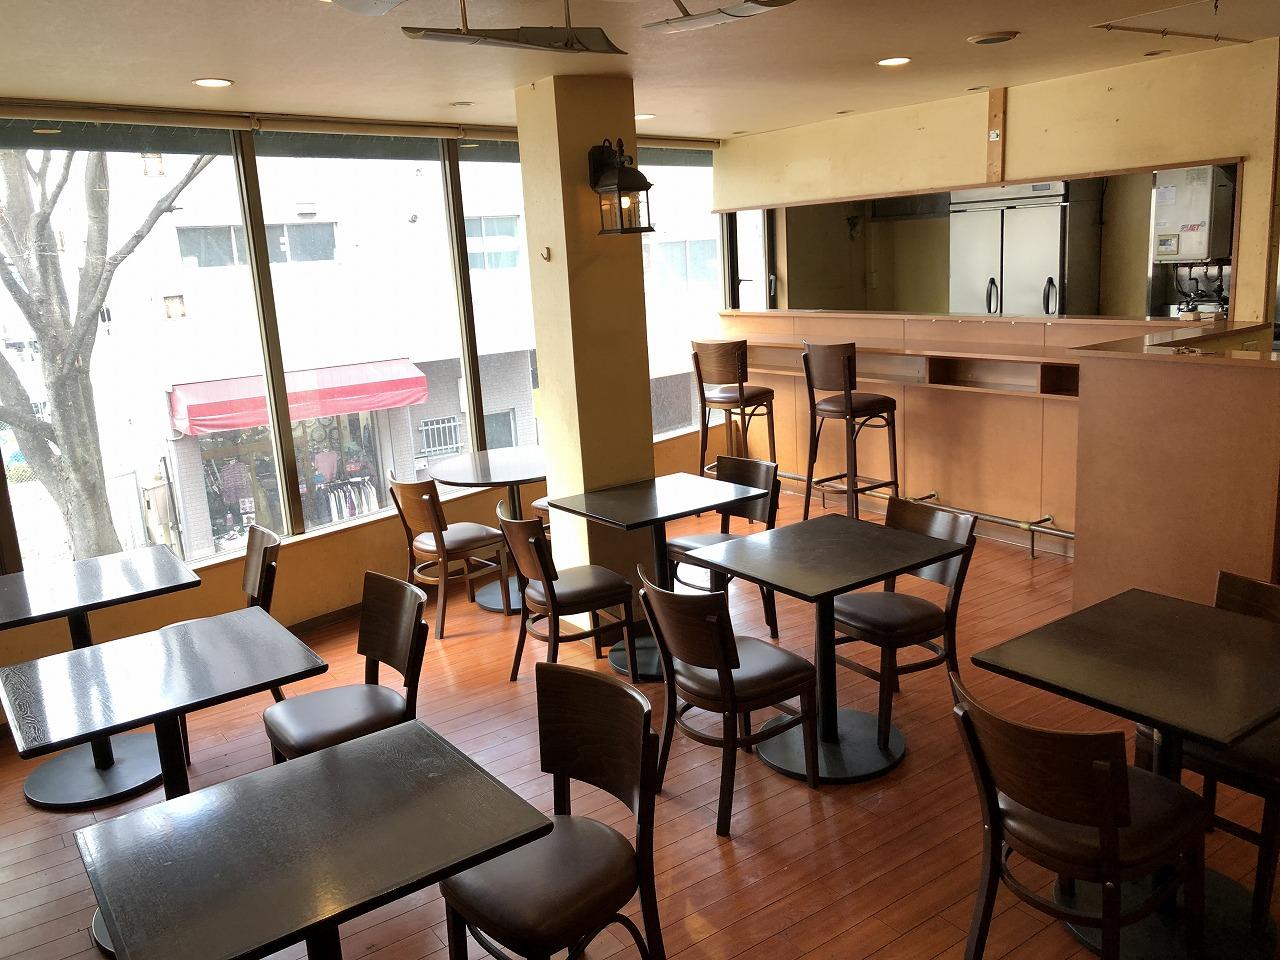 【堀切菖蒲】駅から徒歩2分の物件をご成約。エビと牛肉がメインの洋食店『久火ステーキ』を8月にオープン!